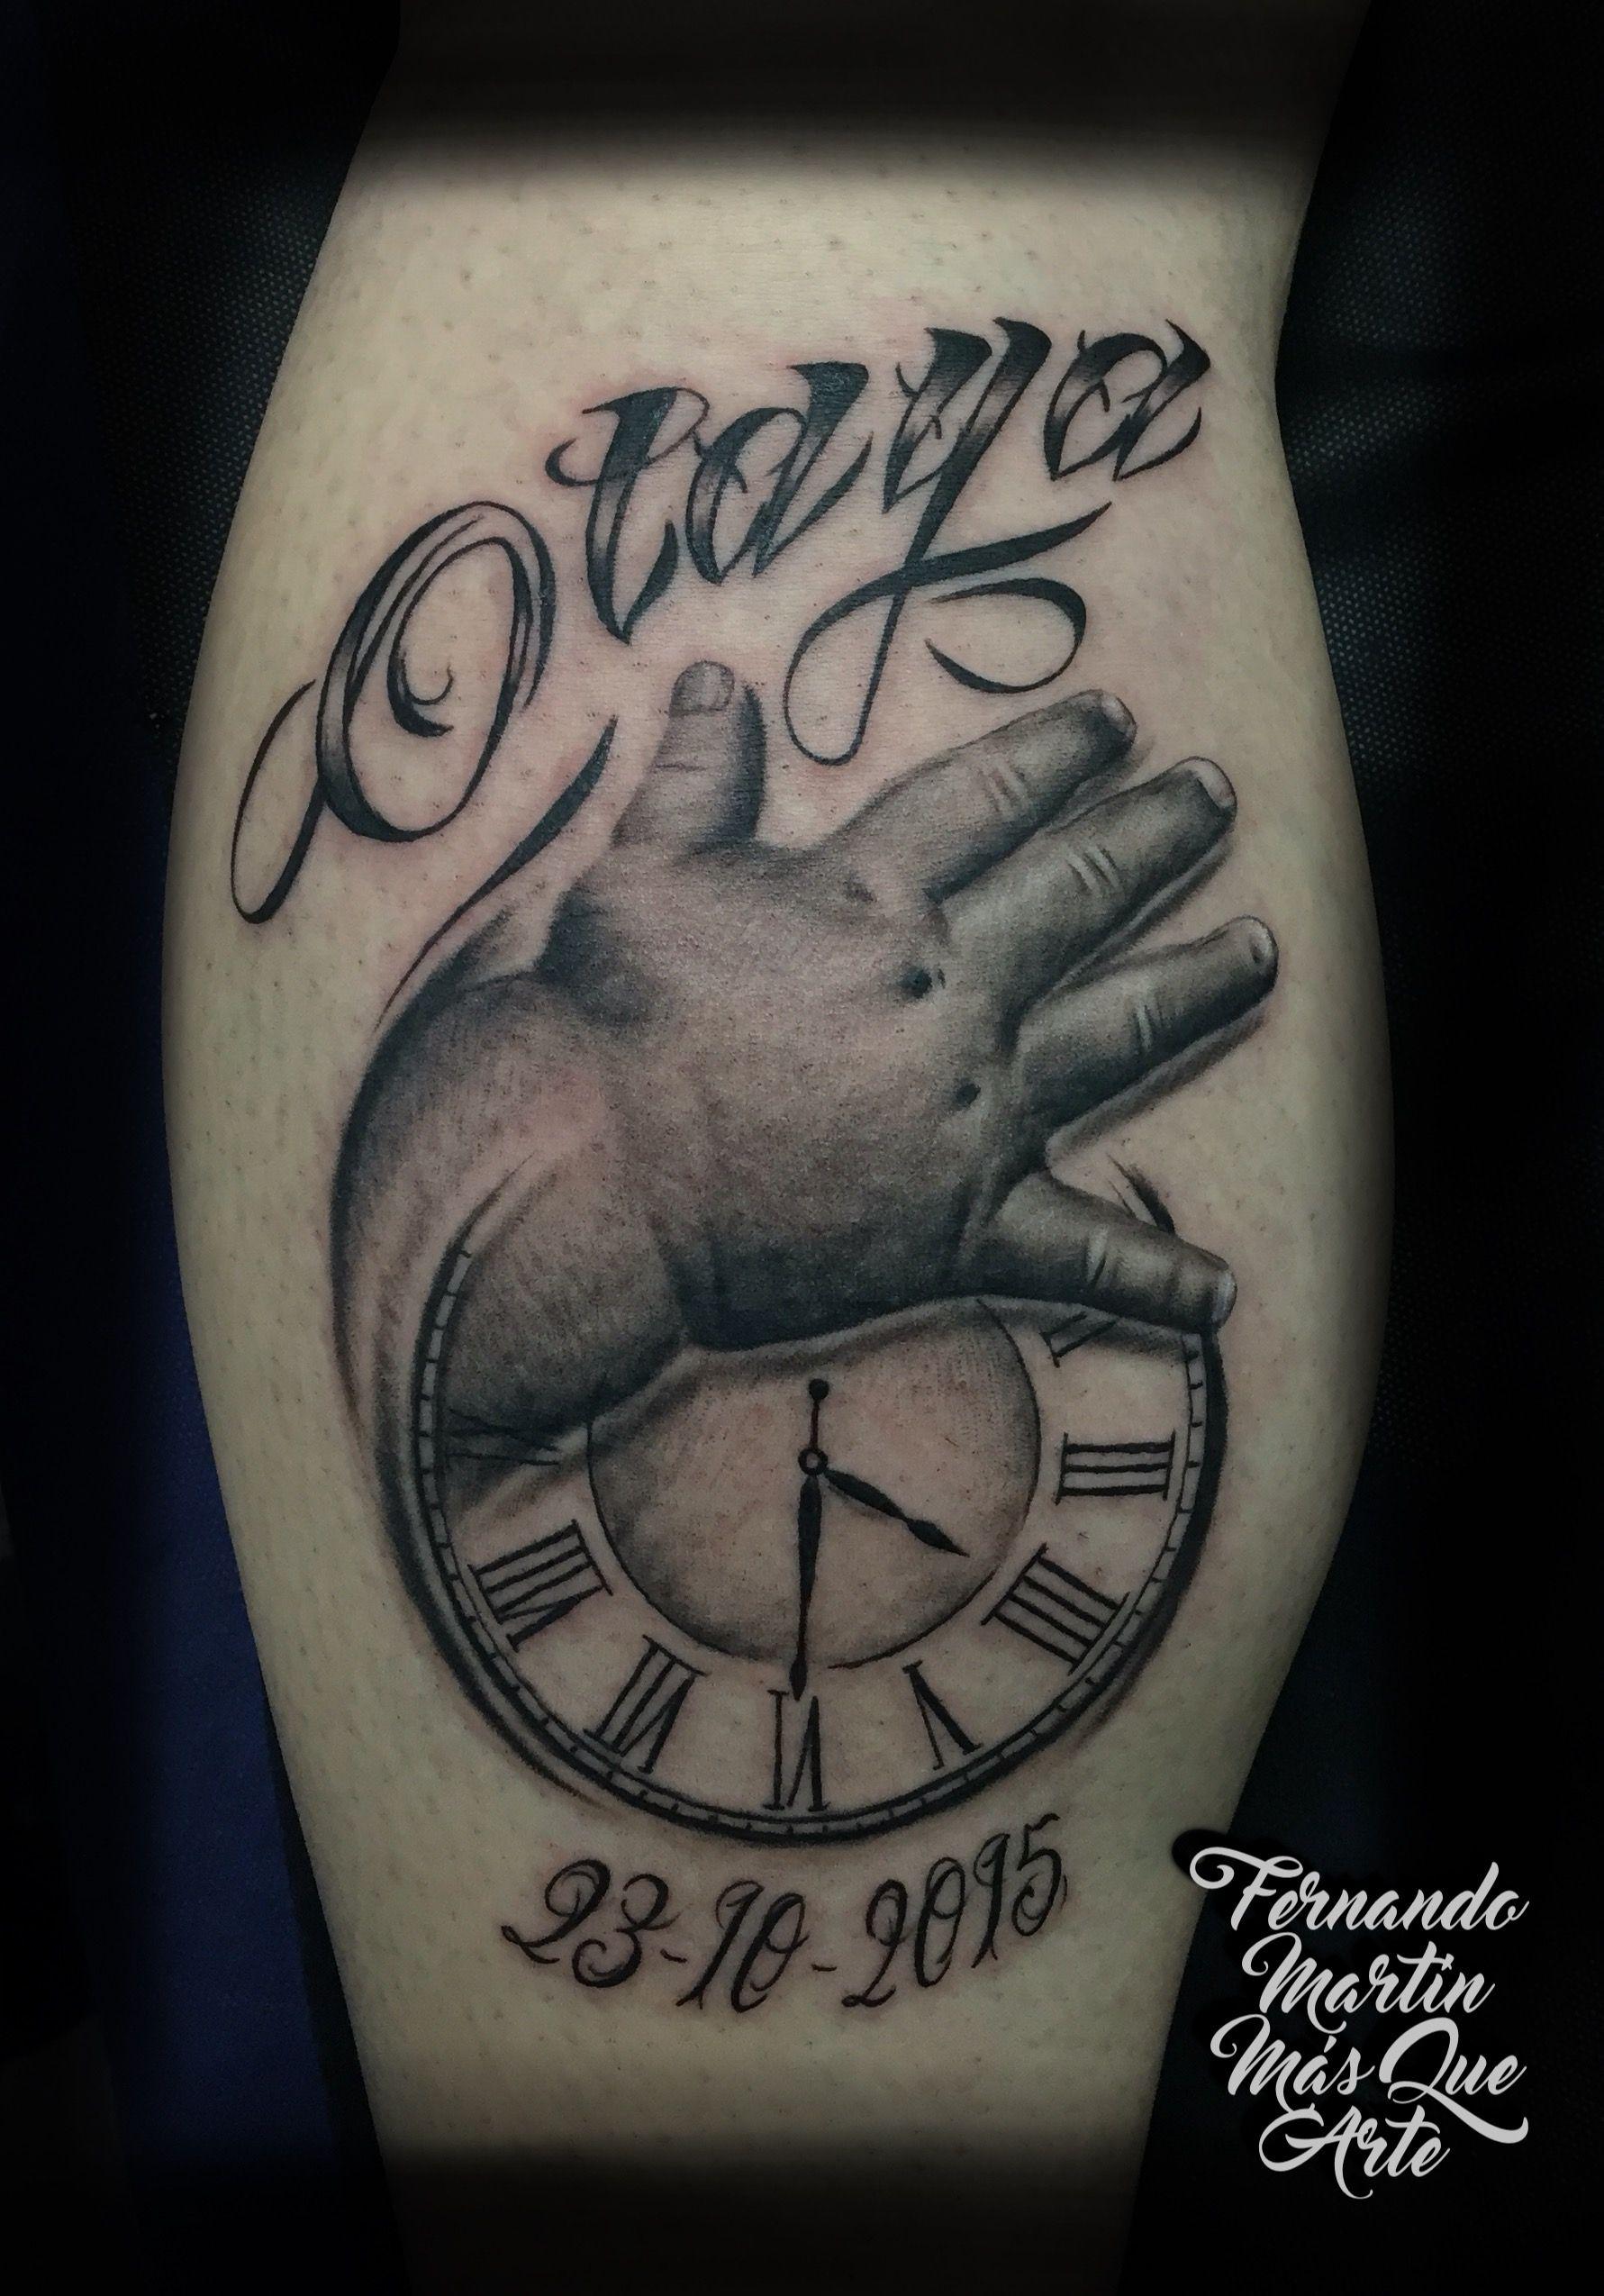 Fernando Martin Tattoo Arte Un Tattoo Valladolid Composicion De Mano De Bebe Reloj Nombre Y Manos De Bebe Tatuajes En La Mano Tatuajes Para Nombre De Bebe